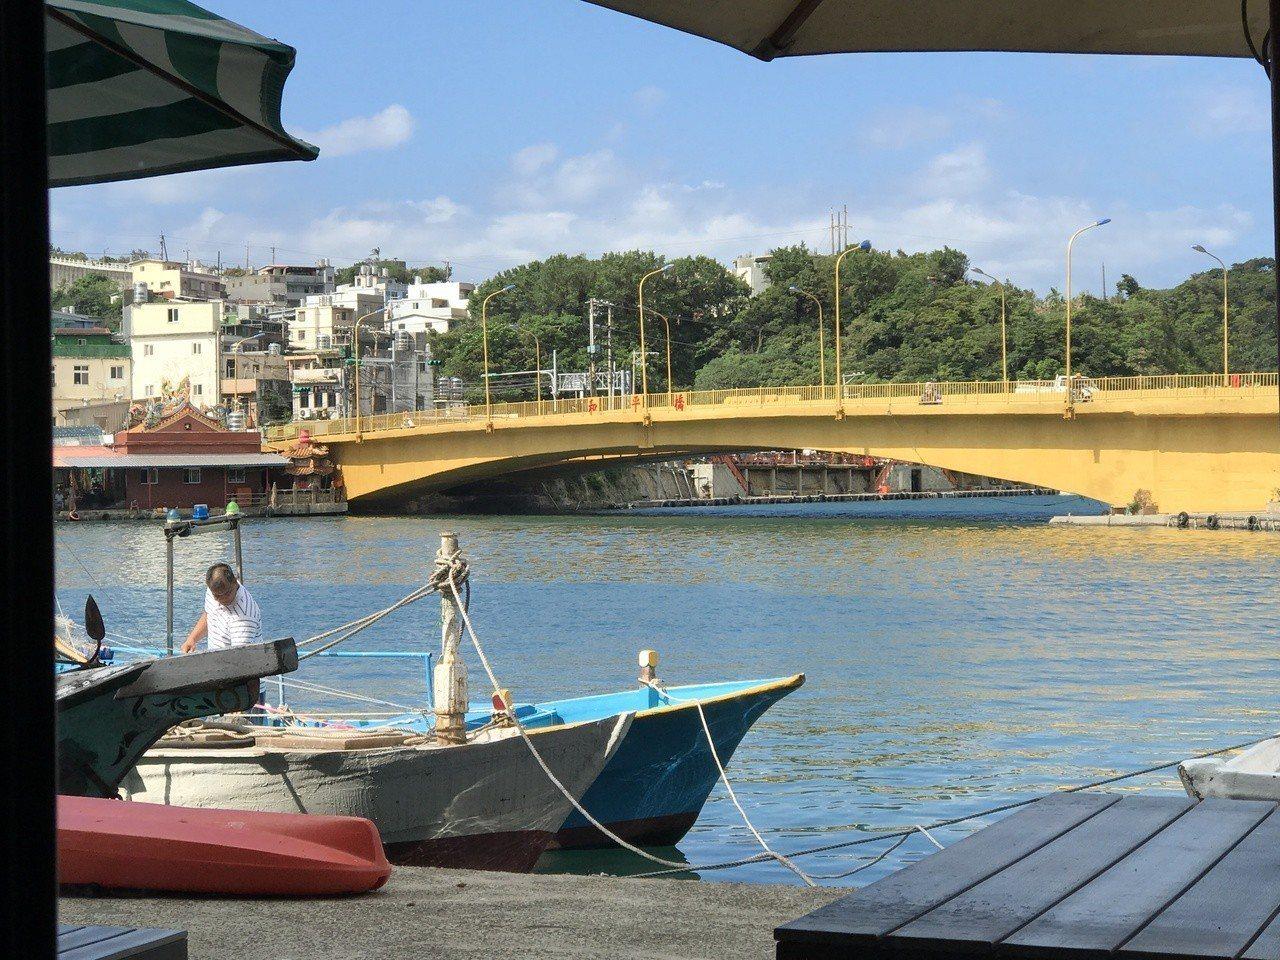 和平島和基隆陸地,隔著不寬的八尺門水道,形成天然良港。記者吳淑君/攝影